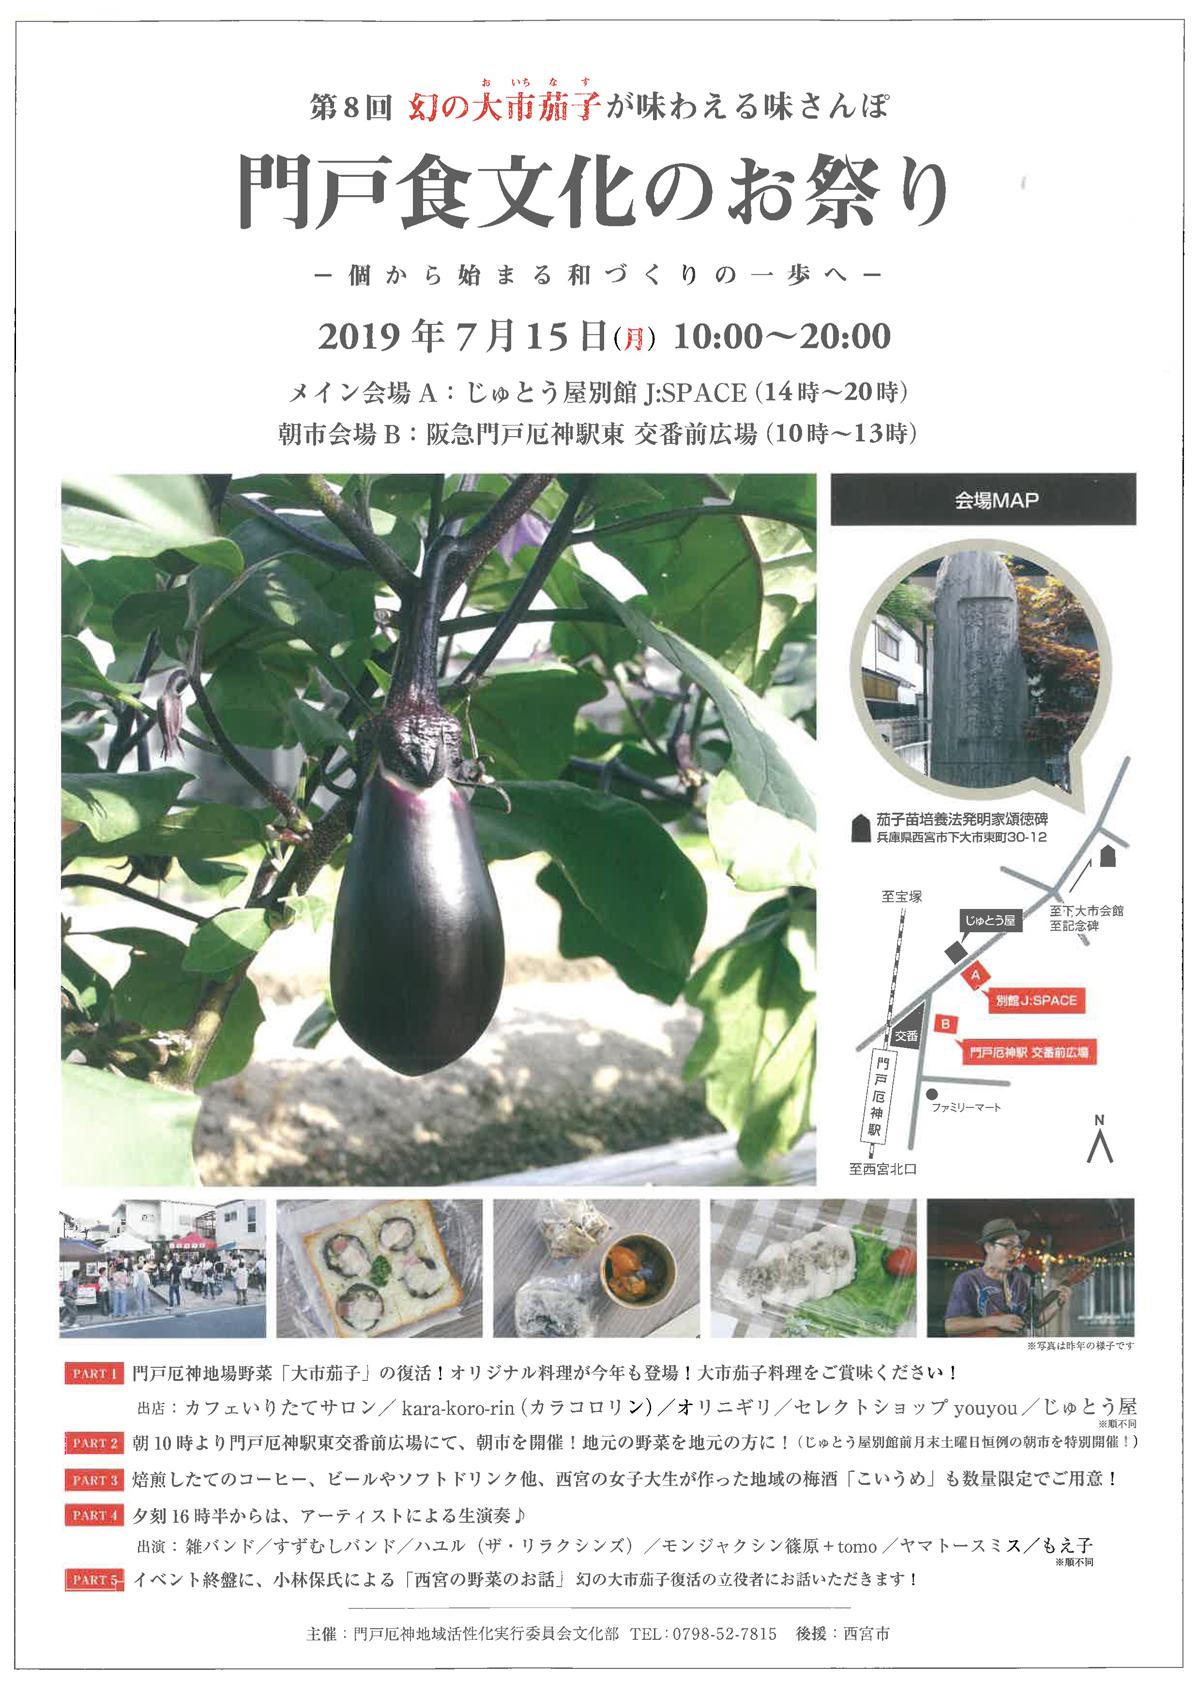 第8回 門戸食文化のお祭り 7月15日 開催